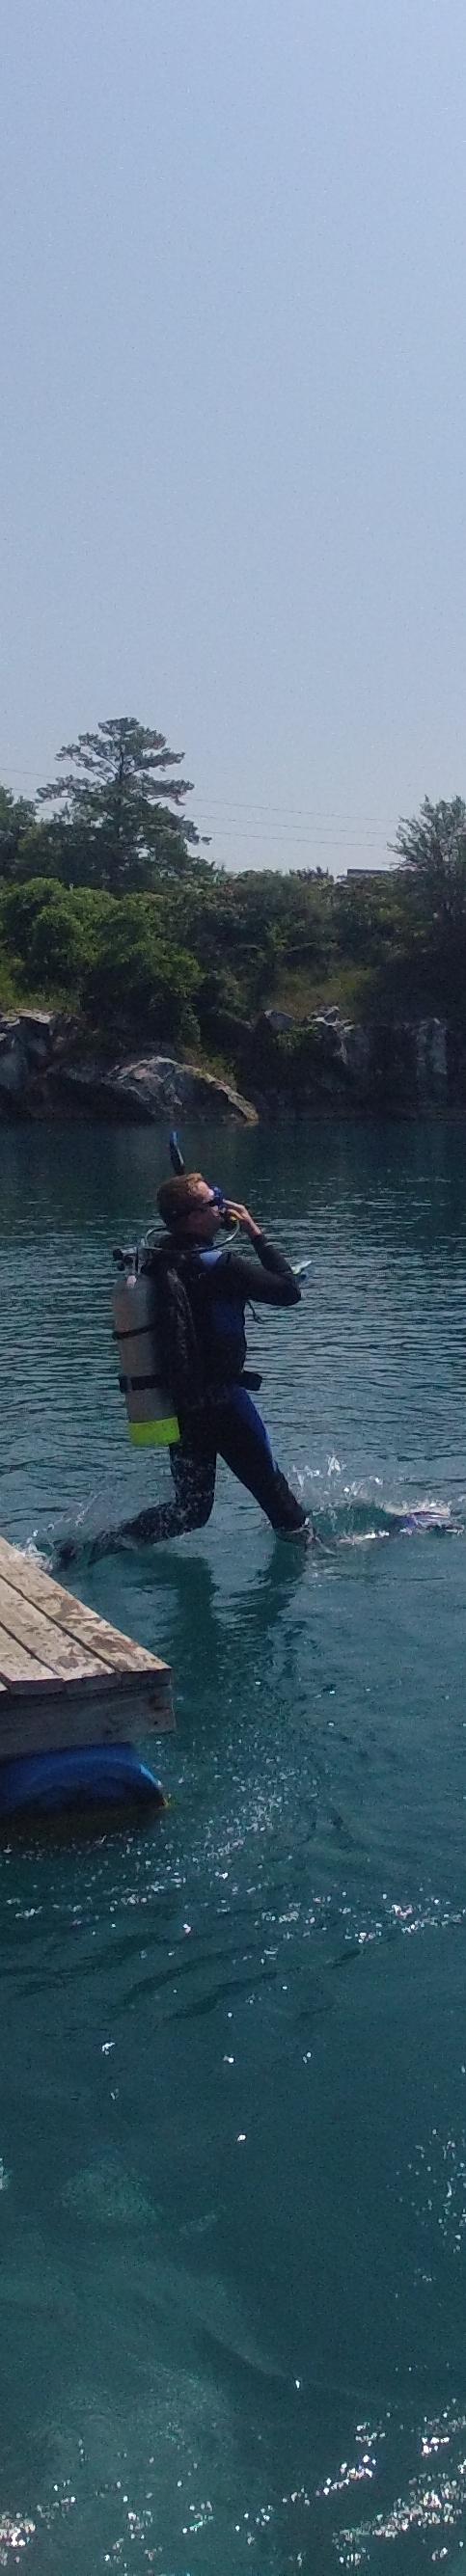 Atlanta Scuba Divers Travel To Blue Water Quarry Pelham Alabama